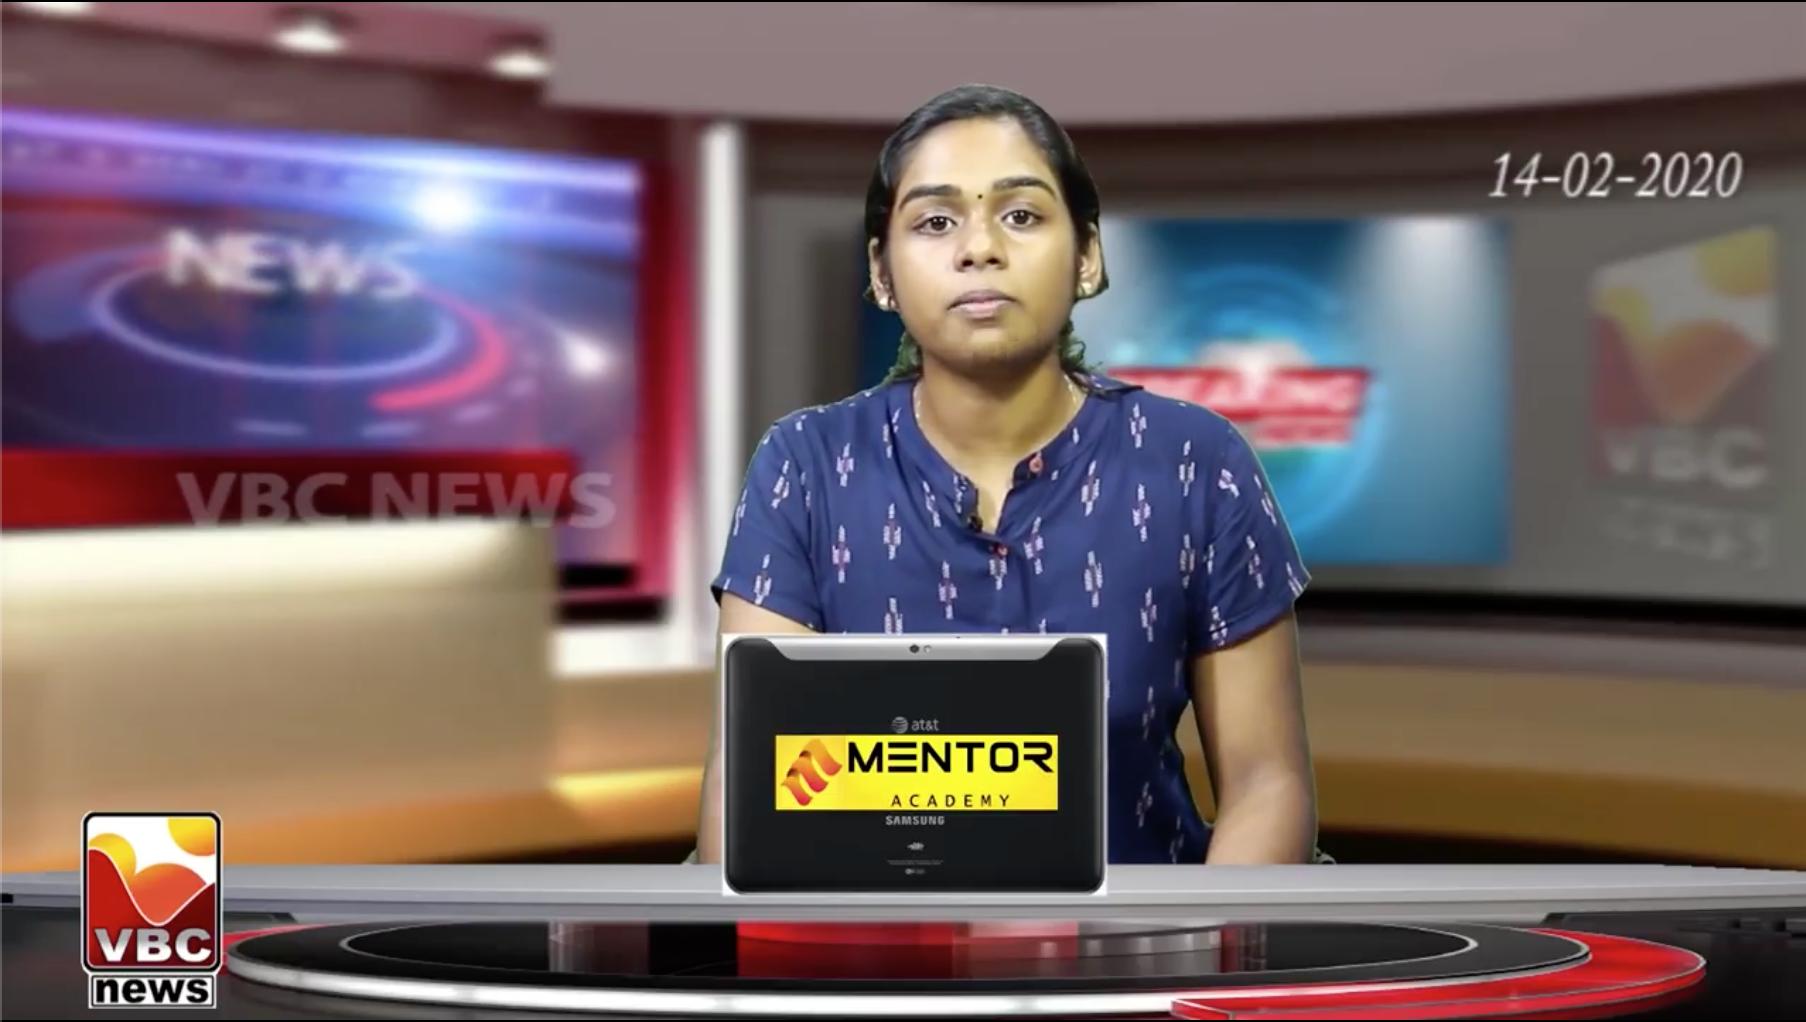 VBC News Thodupuzha